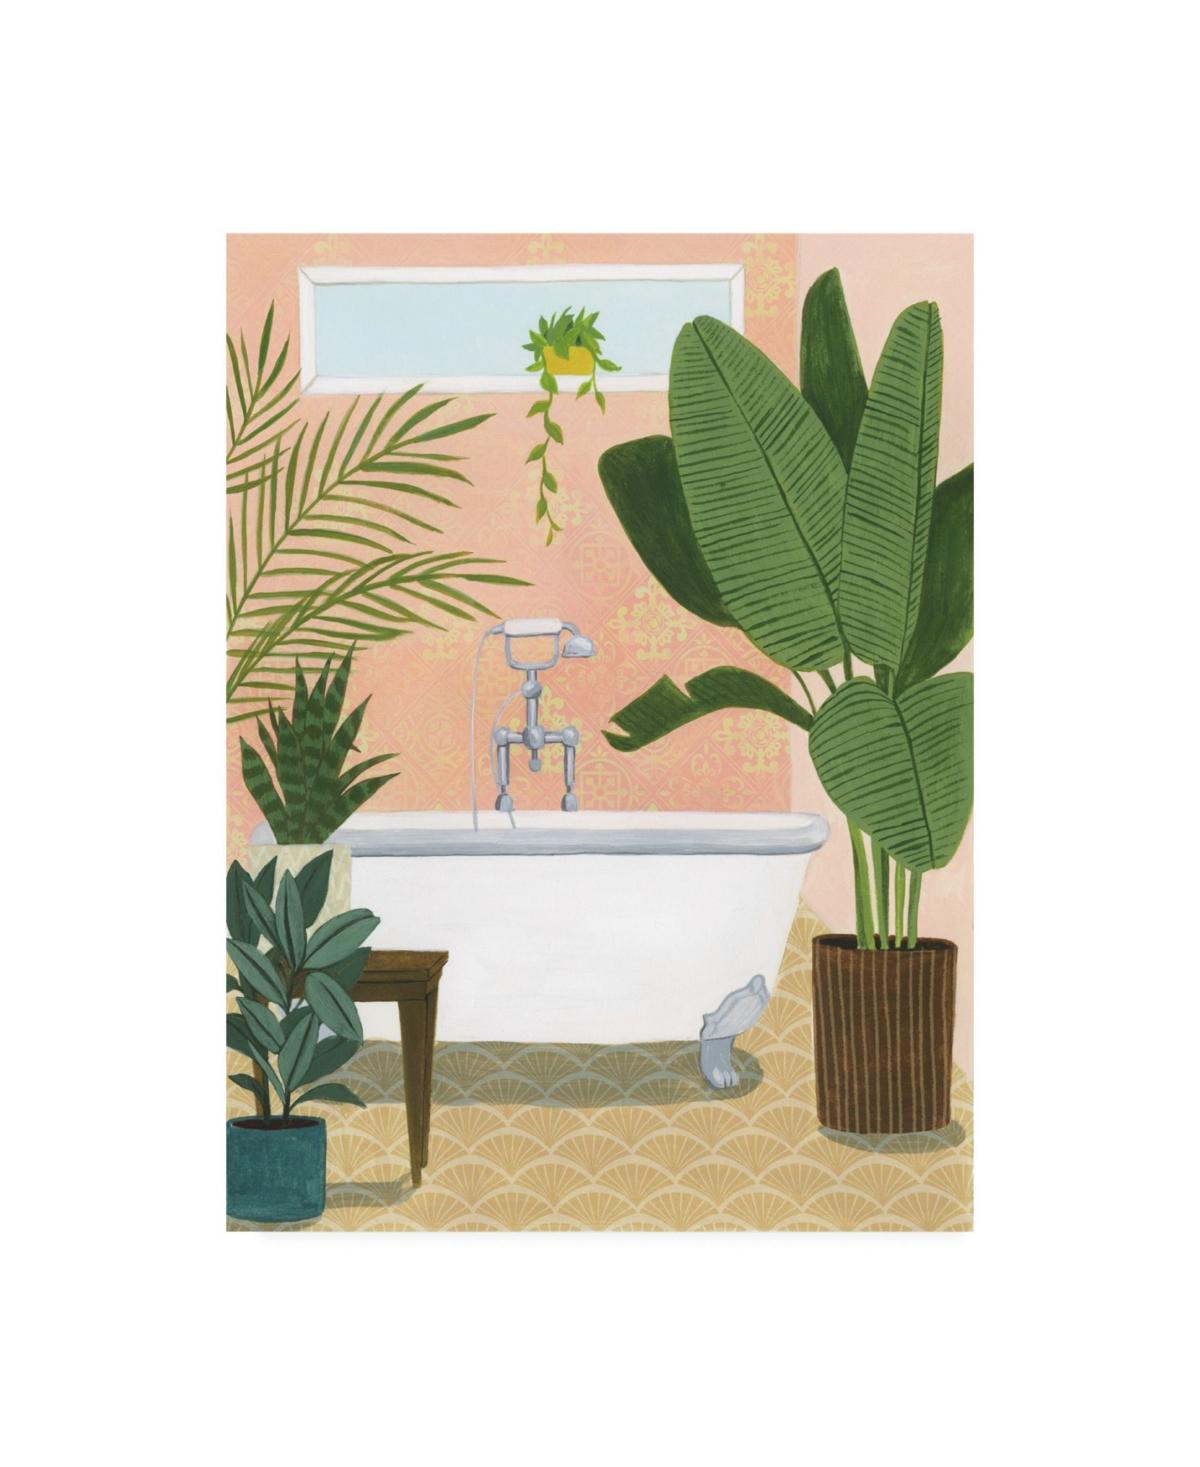 Grace Popp Bathtub Oasis I Canvas Art - 15.5